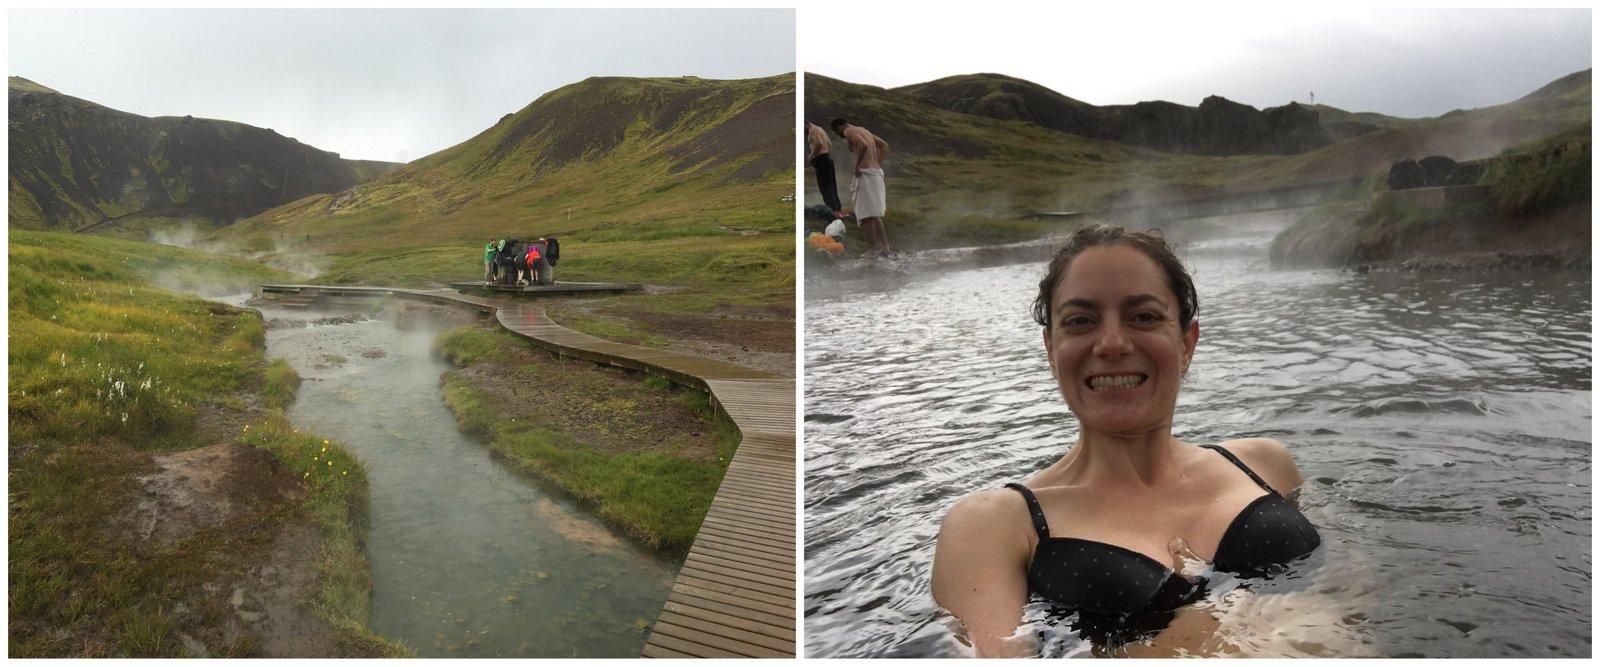 reykjadalur-source-chaude-islande